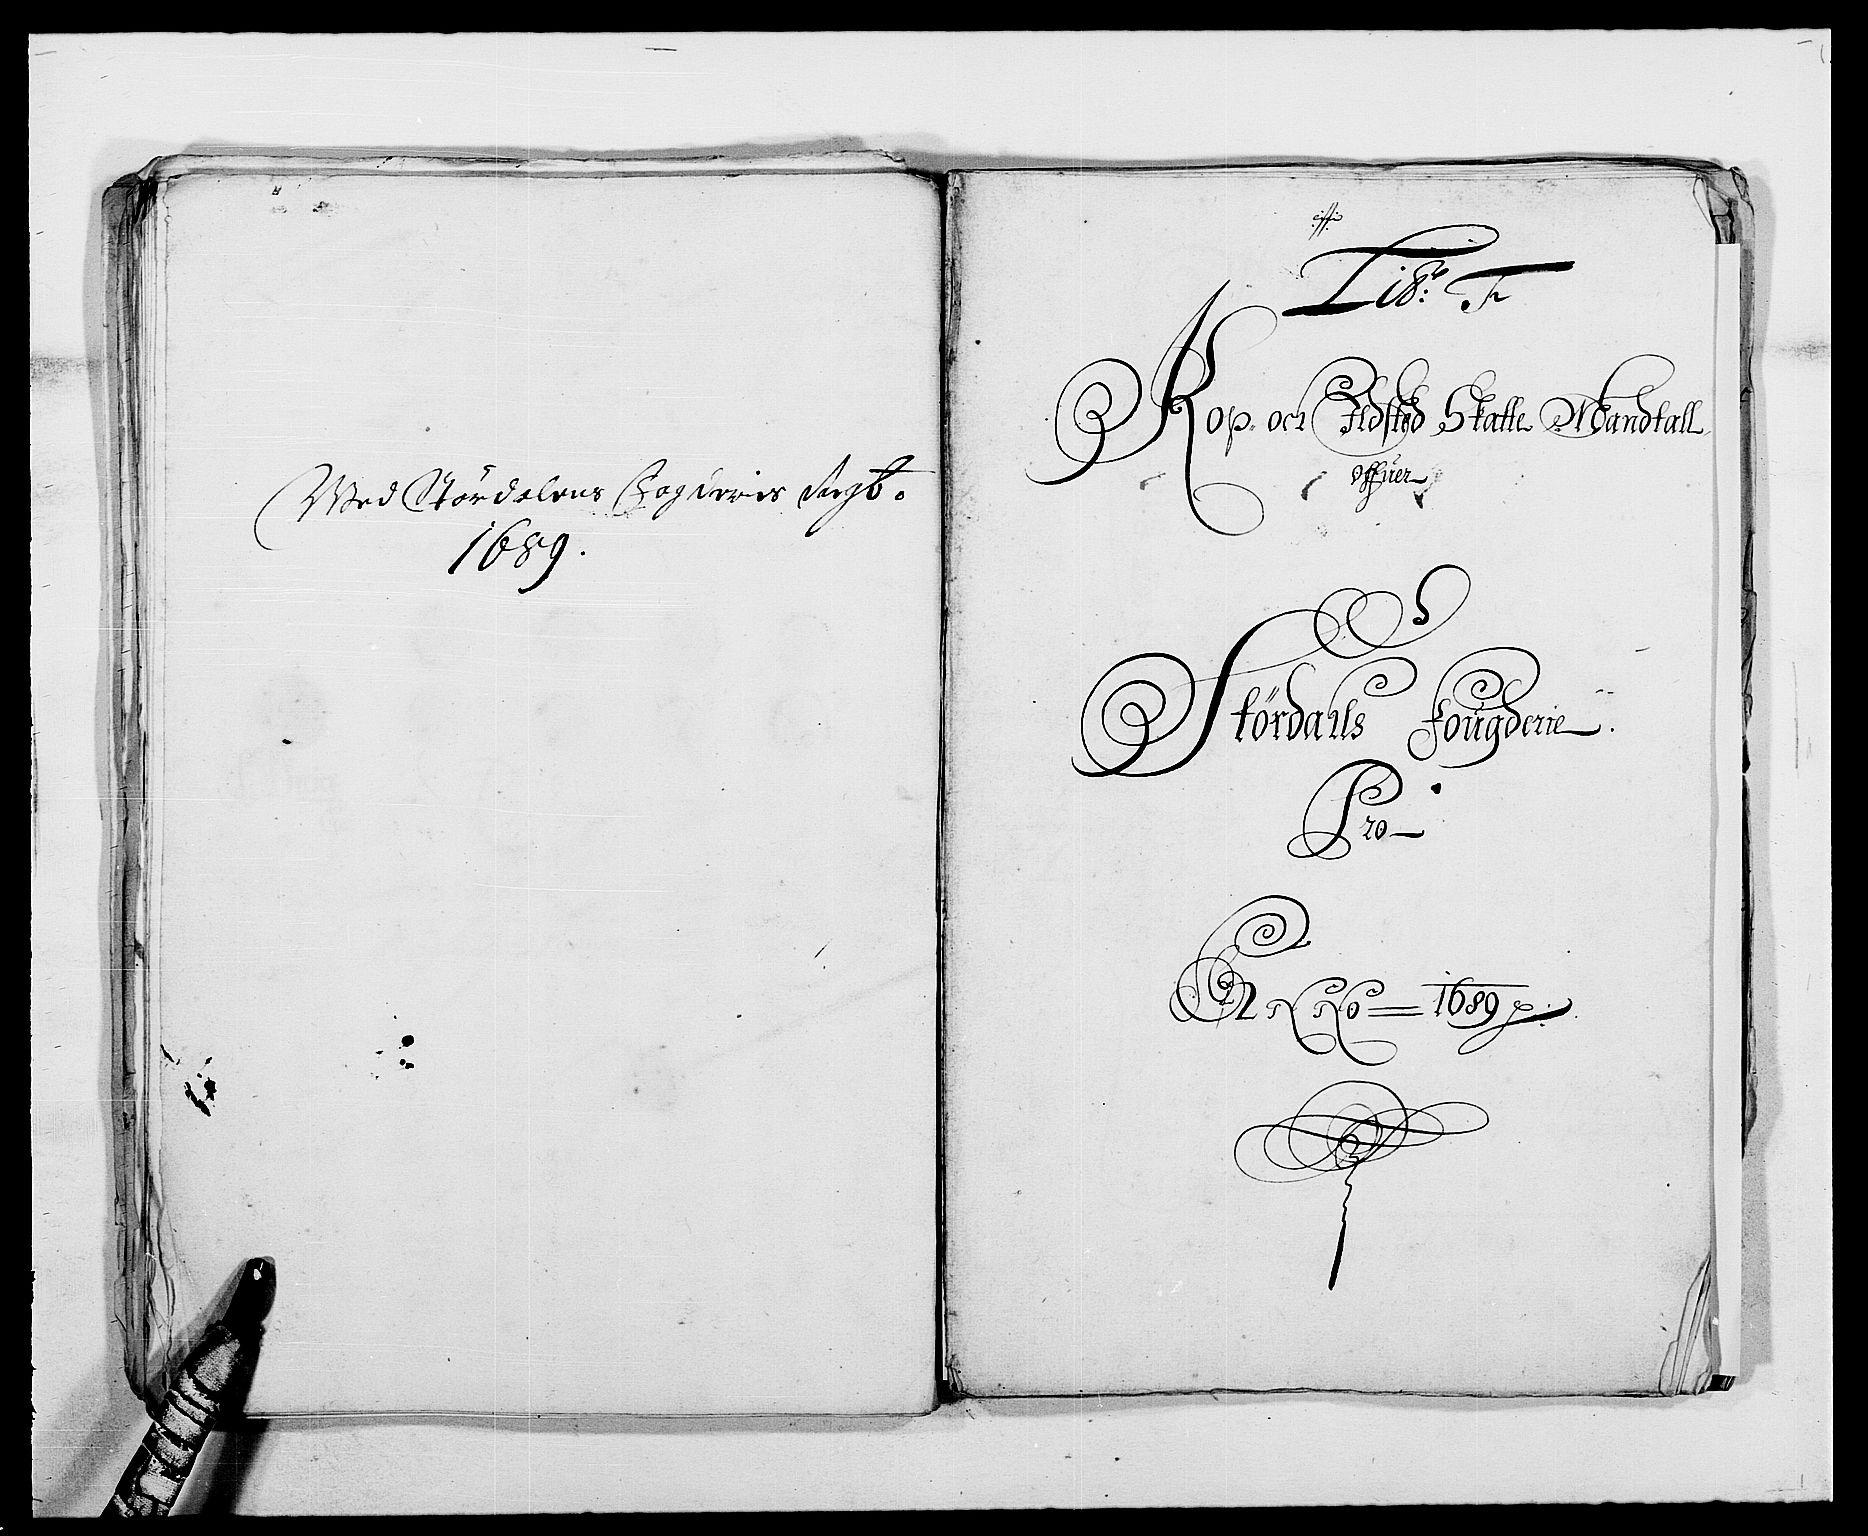 RA, Rentekammeret inntil 1814, Reviderte regnskaper, Fogderegnskap, R62/L4183: Fogderegnskap Stjørdal og Verdal, 1687-1689, s. 340